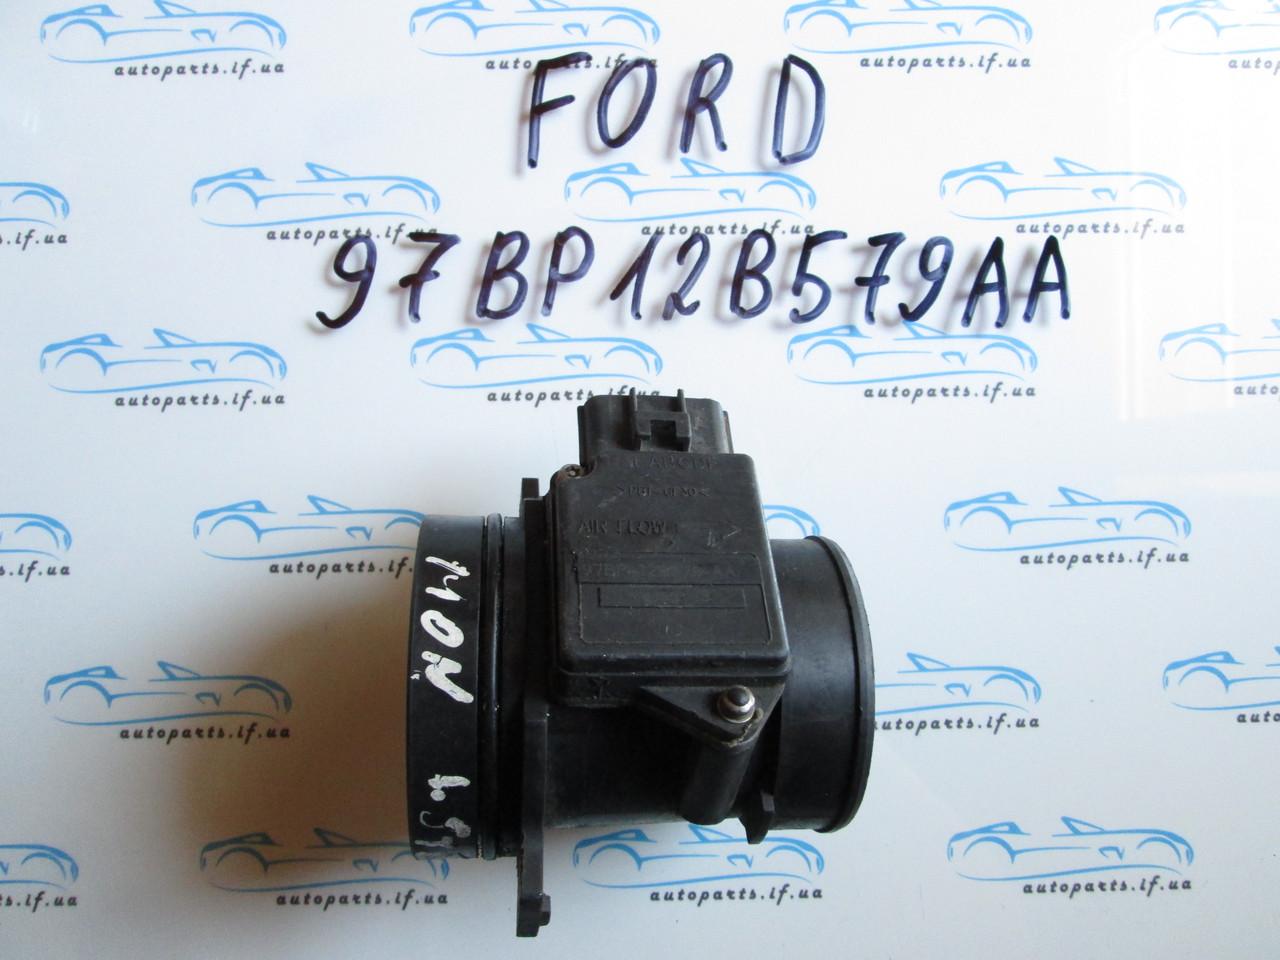 Воздухомер Ford, 97bp12b579aa